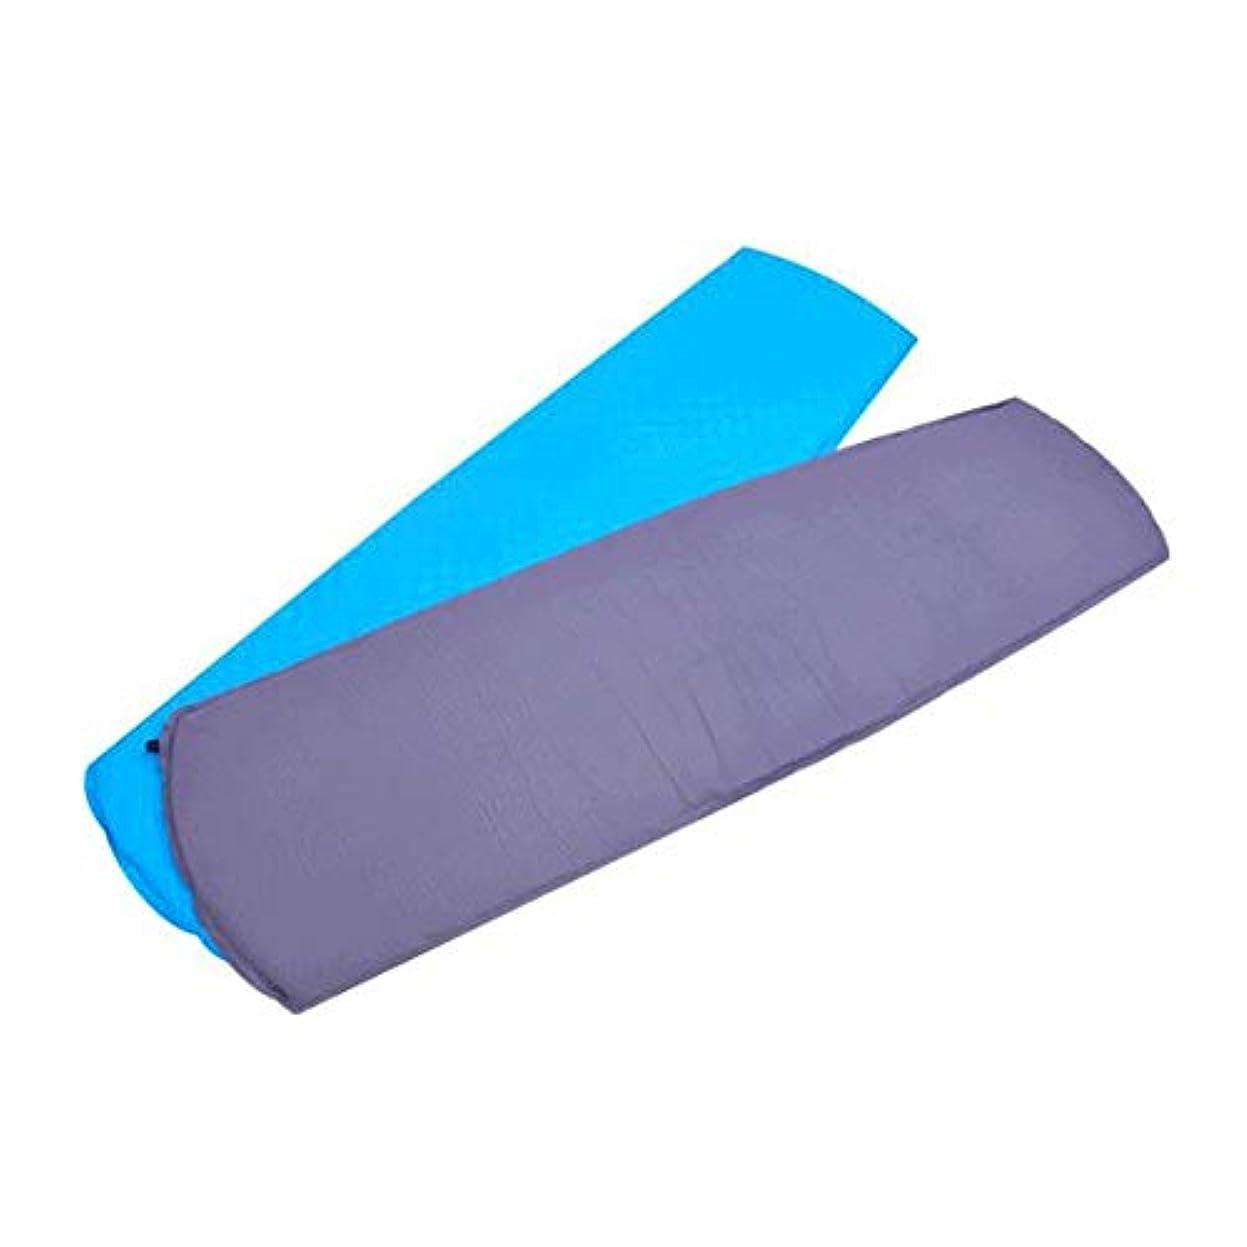 君主対応するヒールインフレータブルテントフォームマット軽量屋外バックパッキングエアマットレス防水自己膨張折りたたみ式コンパクトシングルキャンプスプライシングスリーピングパッド (色 : 青, サイズ : 72.8*20*1.18inches)